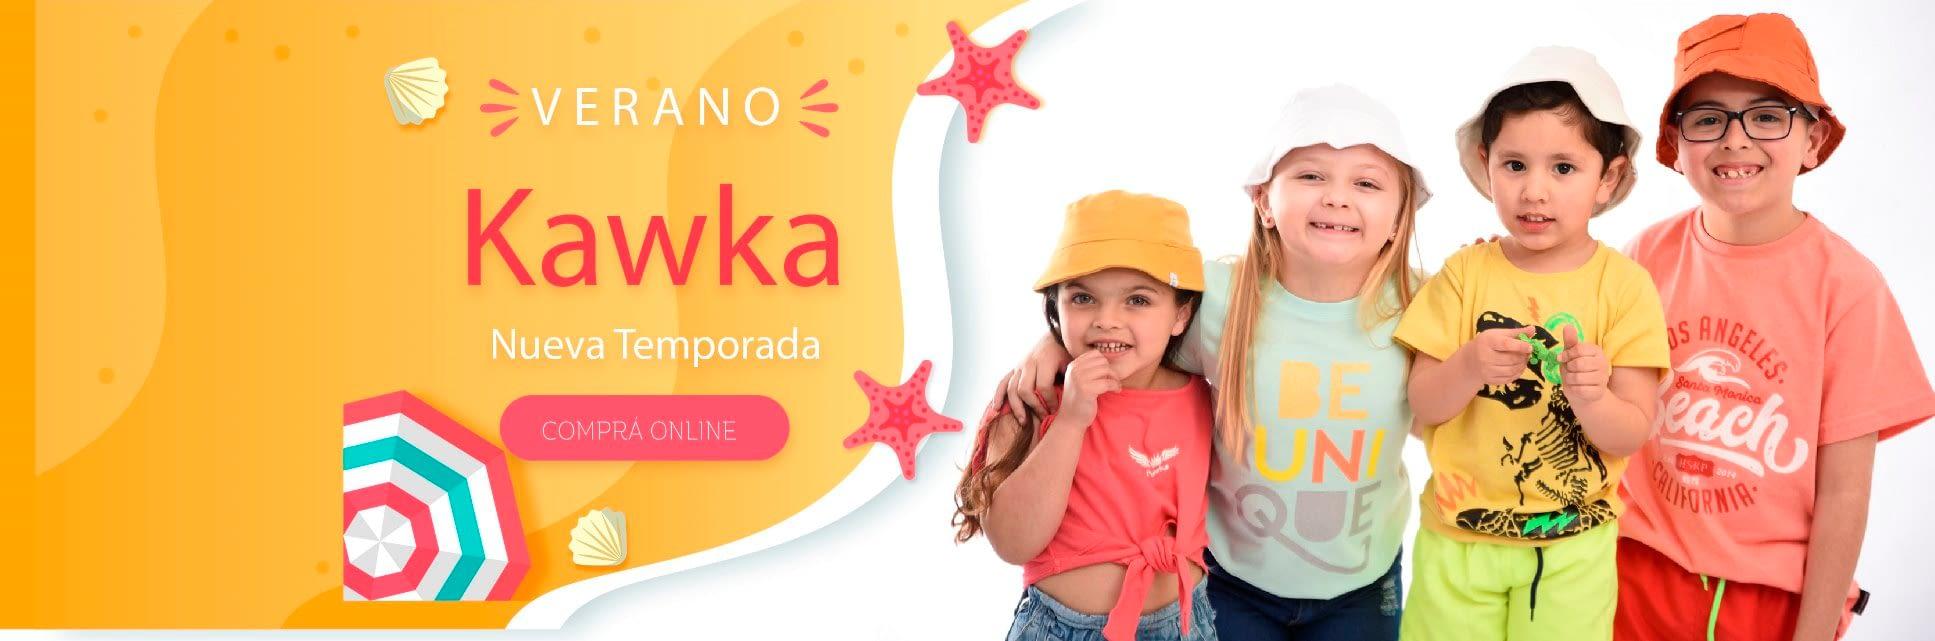 banner kawka